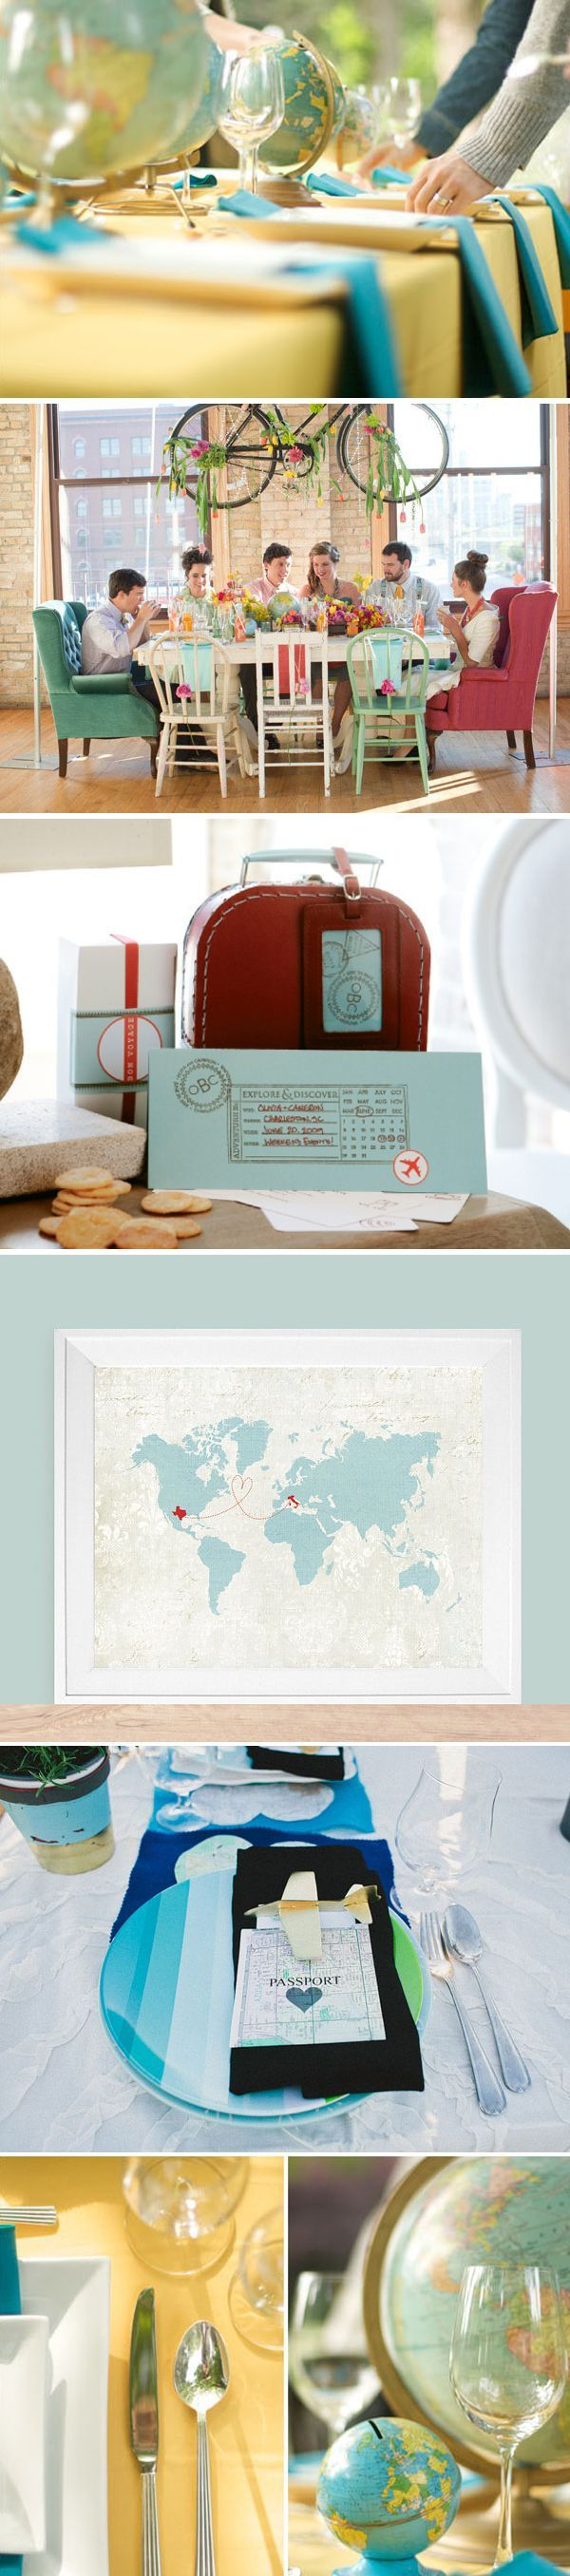 Best Travel Themed Weddings Images On Pinterest Travel